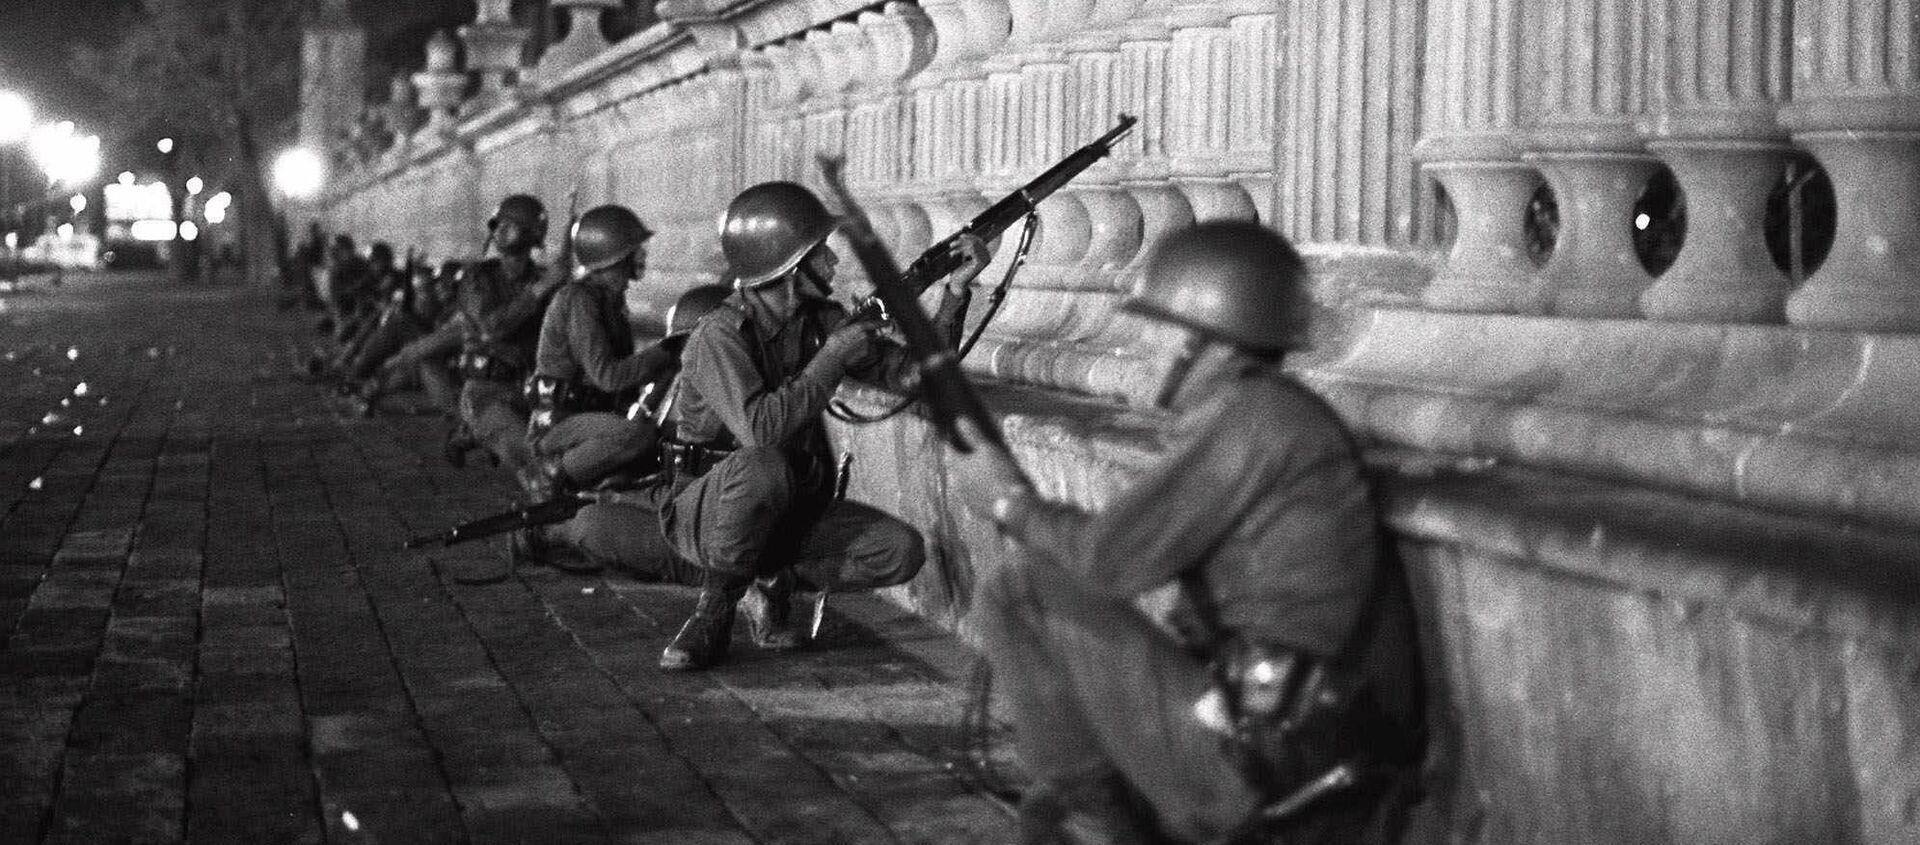 Soldados del Ejército mexicano en la región de la plaza de las Tres Culturas la noche del 2 de octubre de 1968 - Sputnik Mundo, 1920, 01.10.2018